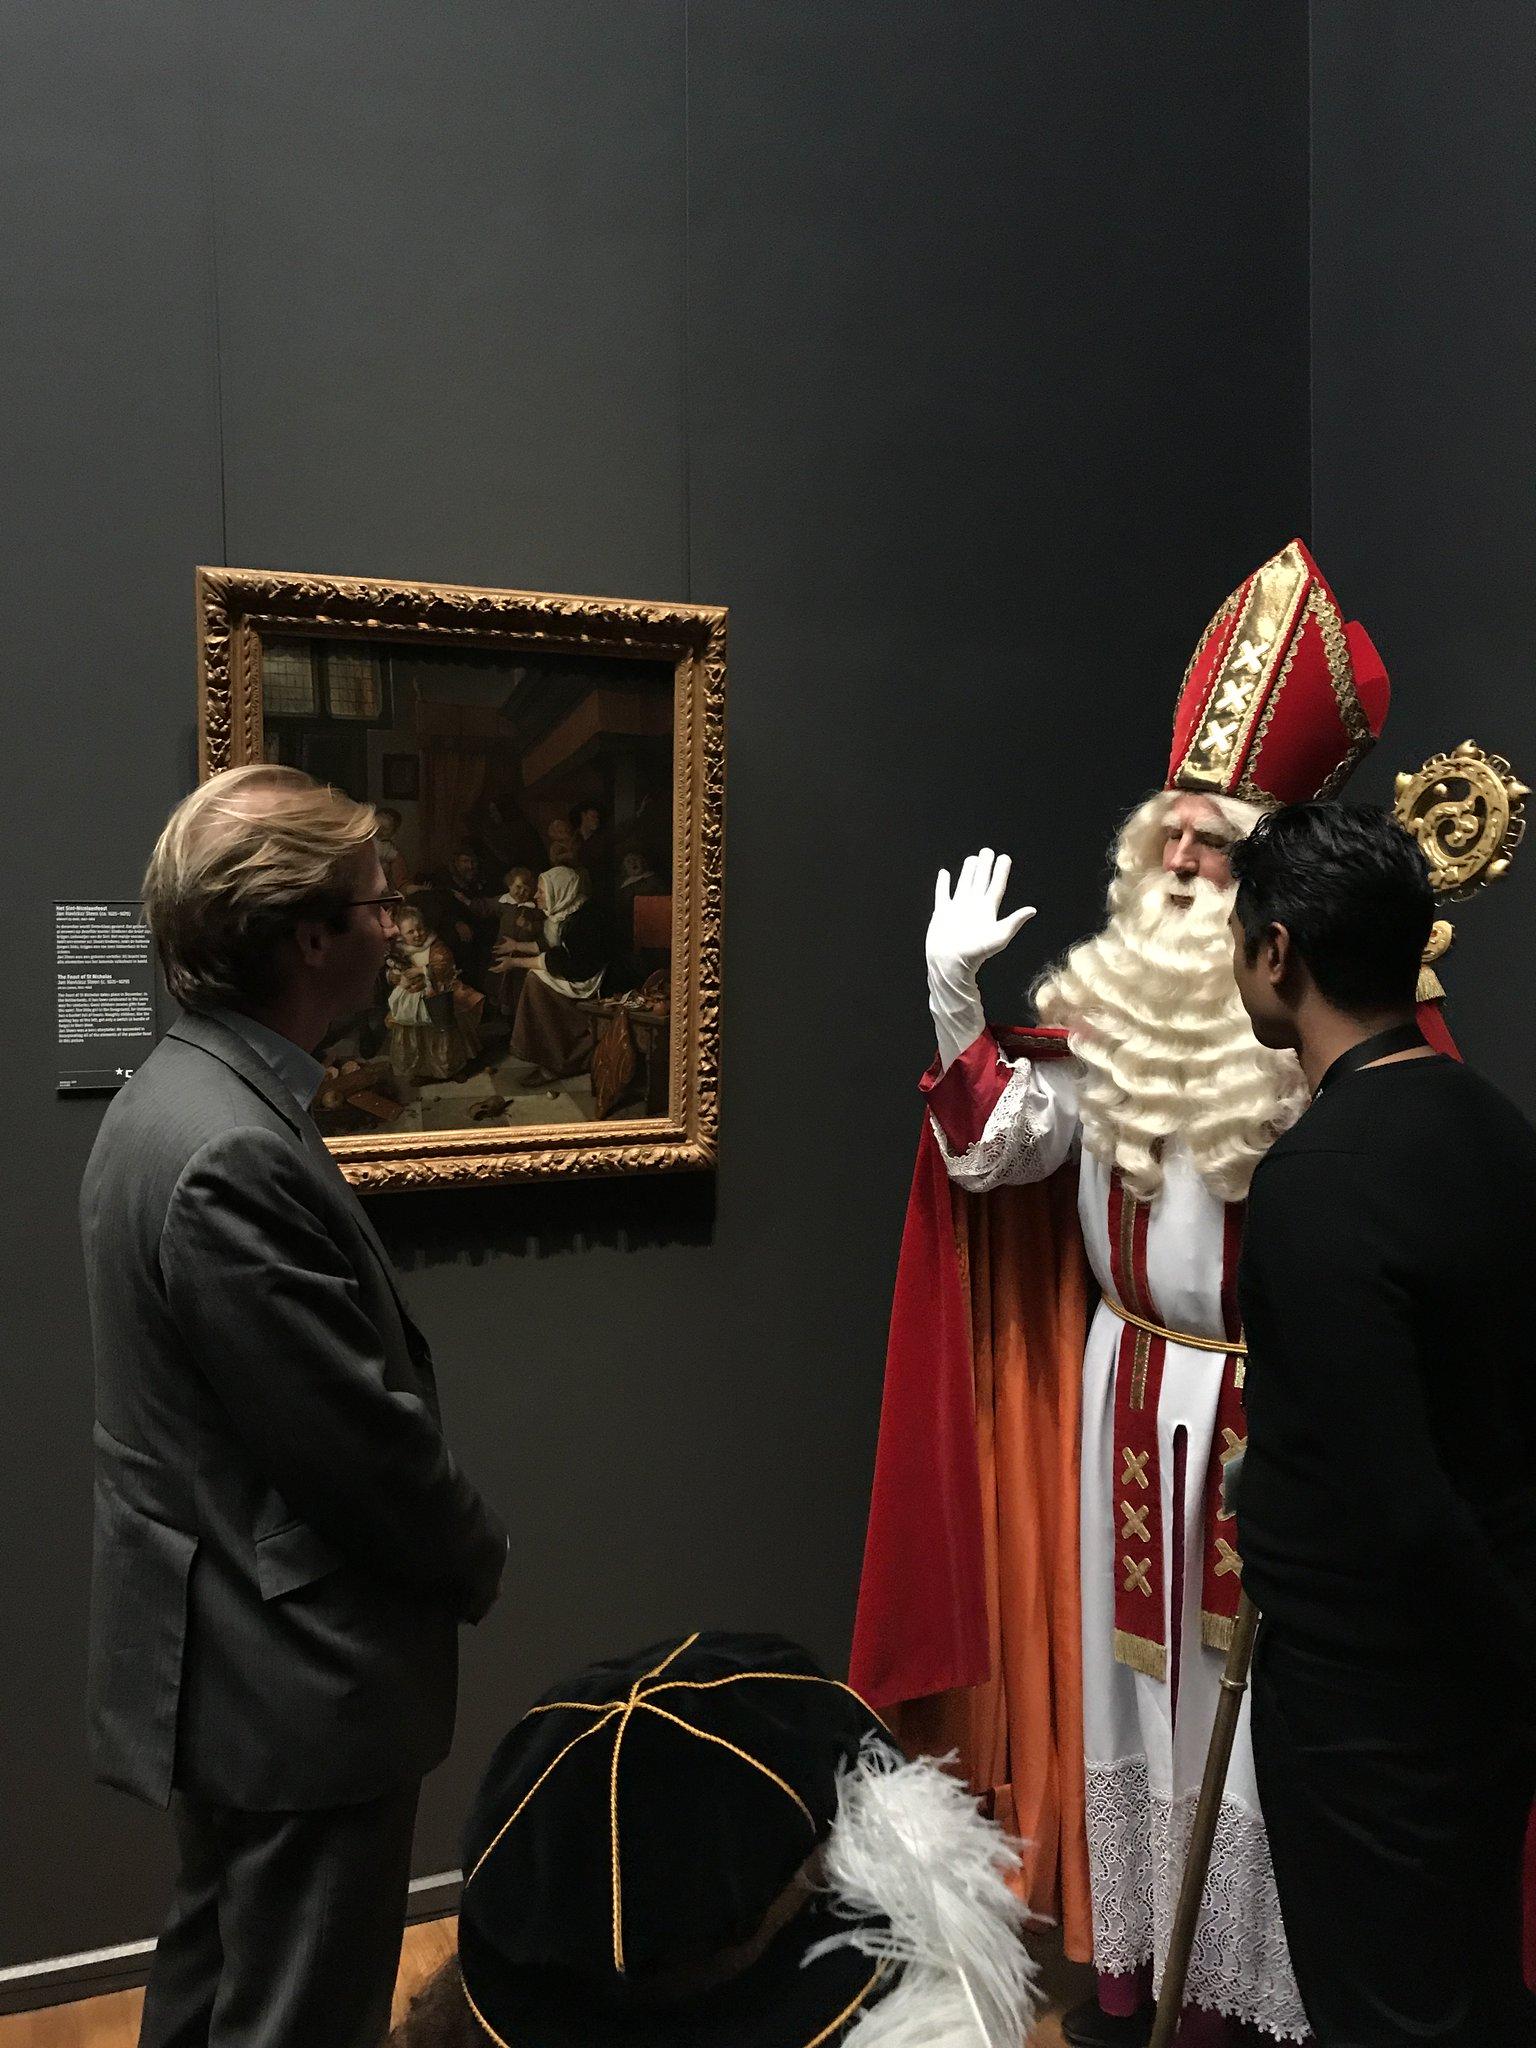 Sint Nicolaasfeest Rijksmuseum.Rijksmuseum On Twitter Vandaag Was De Sint Bij Ons Te Gast